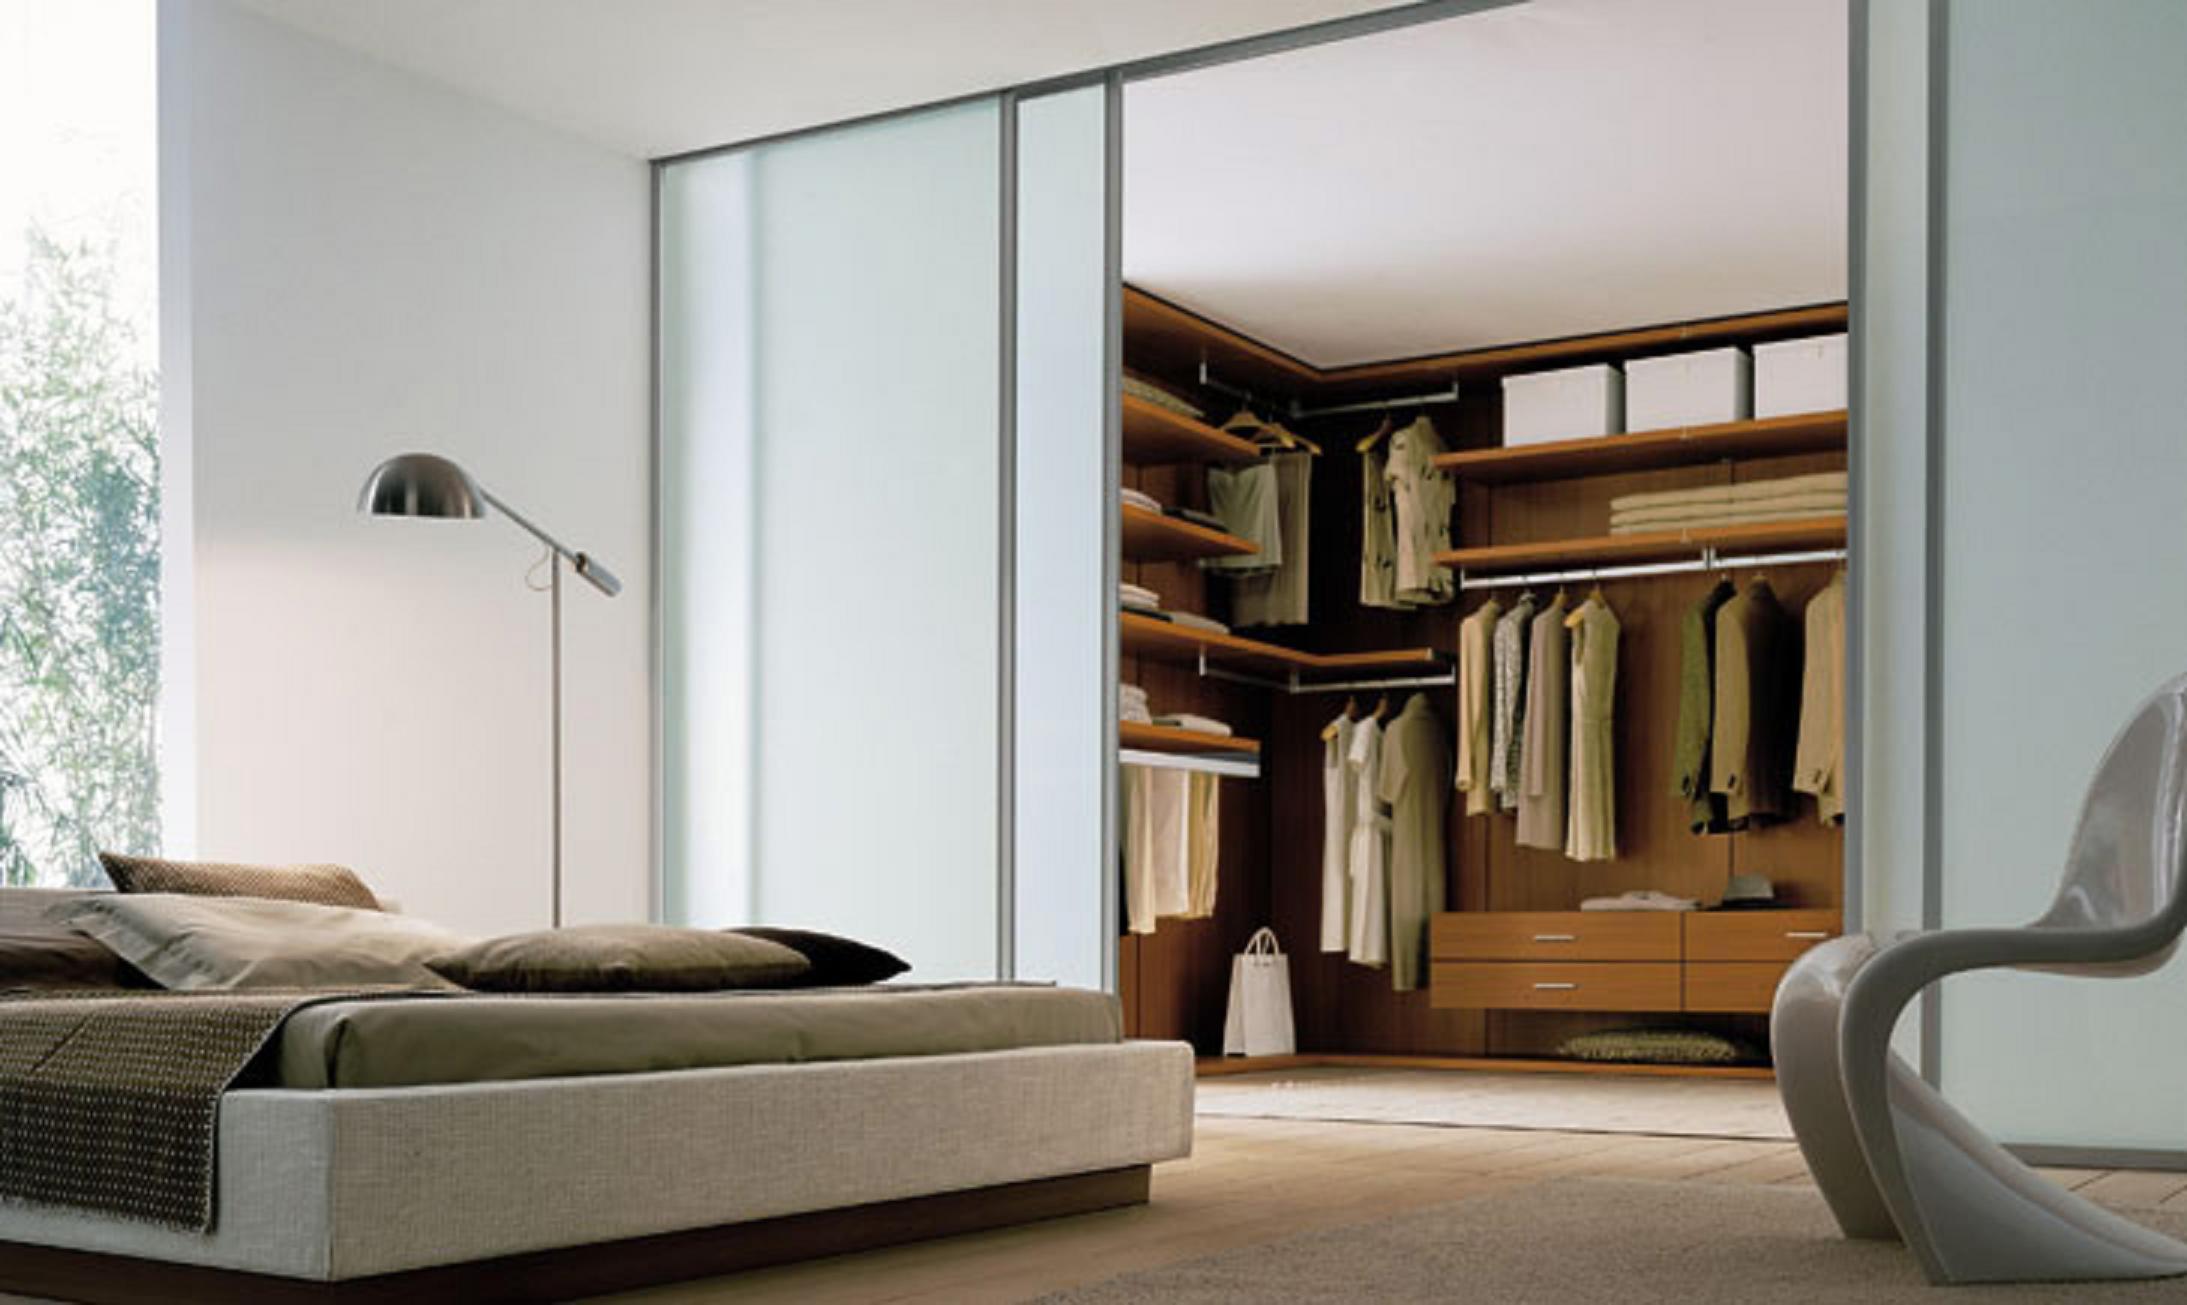 Современный дизайн спальни с гардеробной комнатой